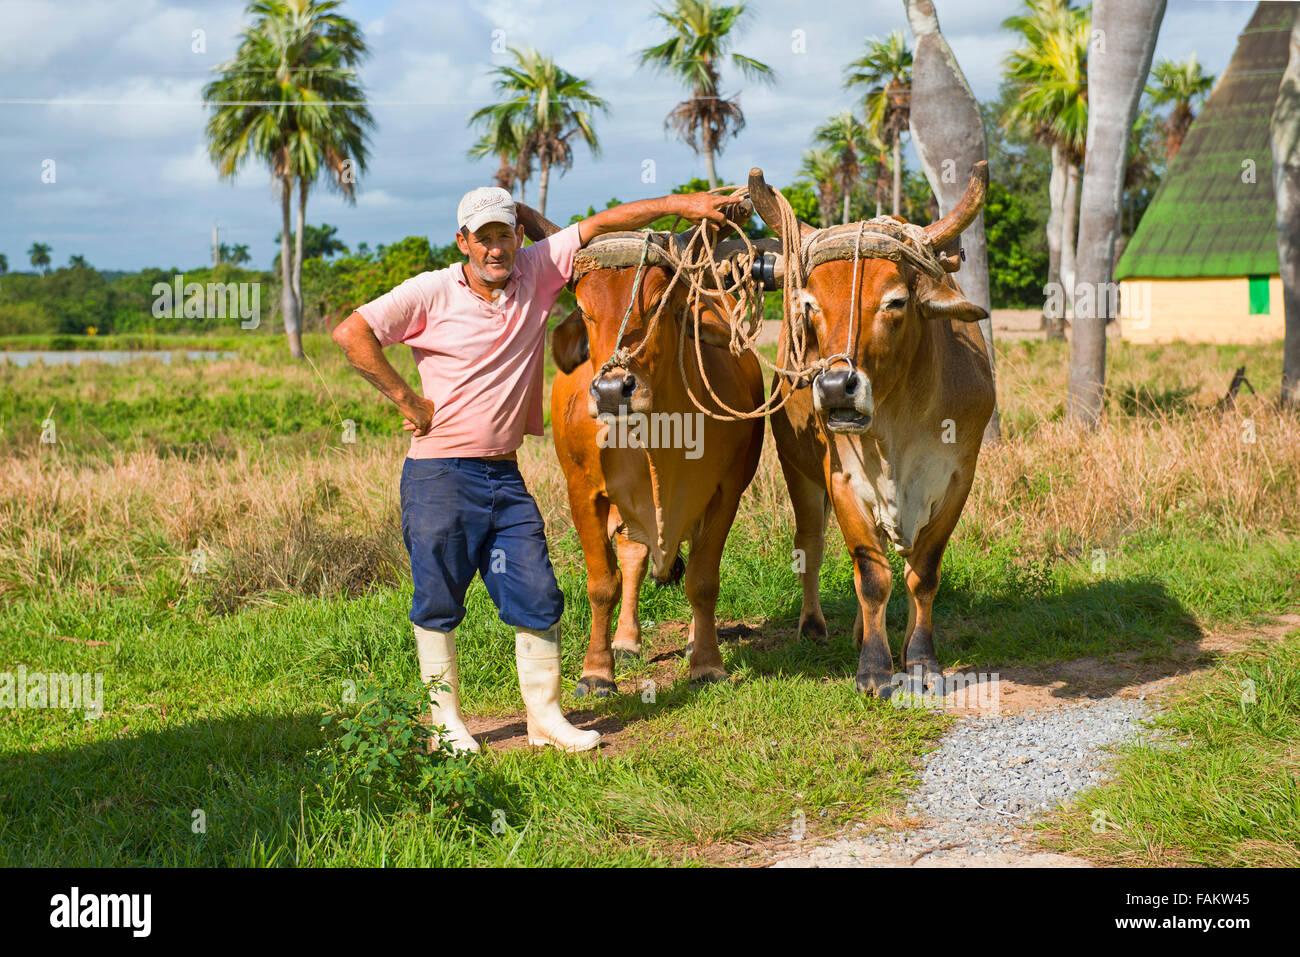 Cuban Farmer, with Oxen, Bullocks, Vinales Valley, Pinar del Rio Cuba - Stock Image